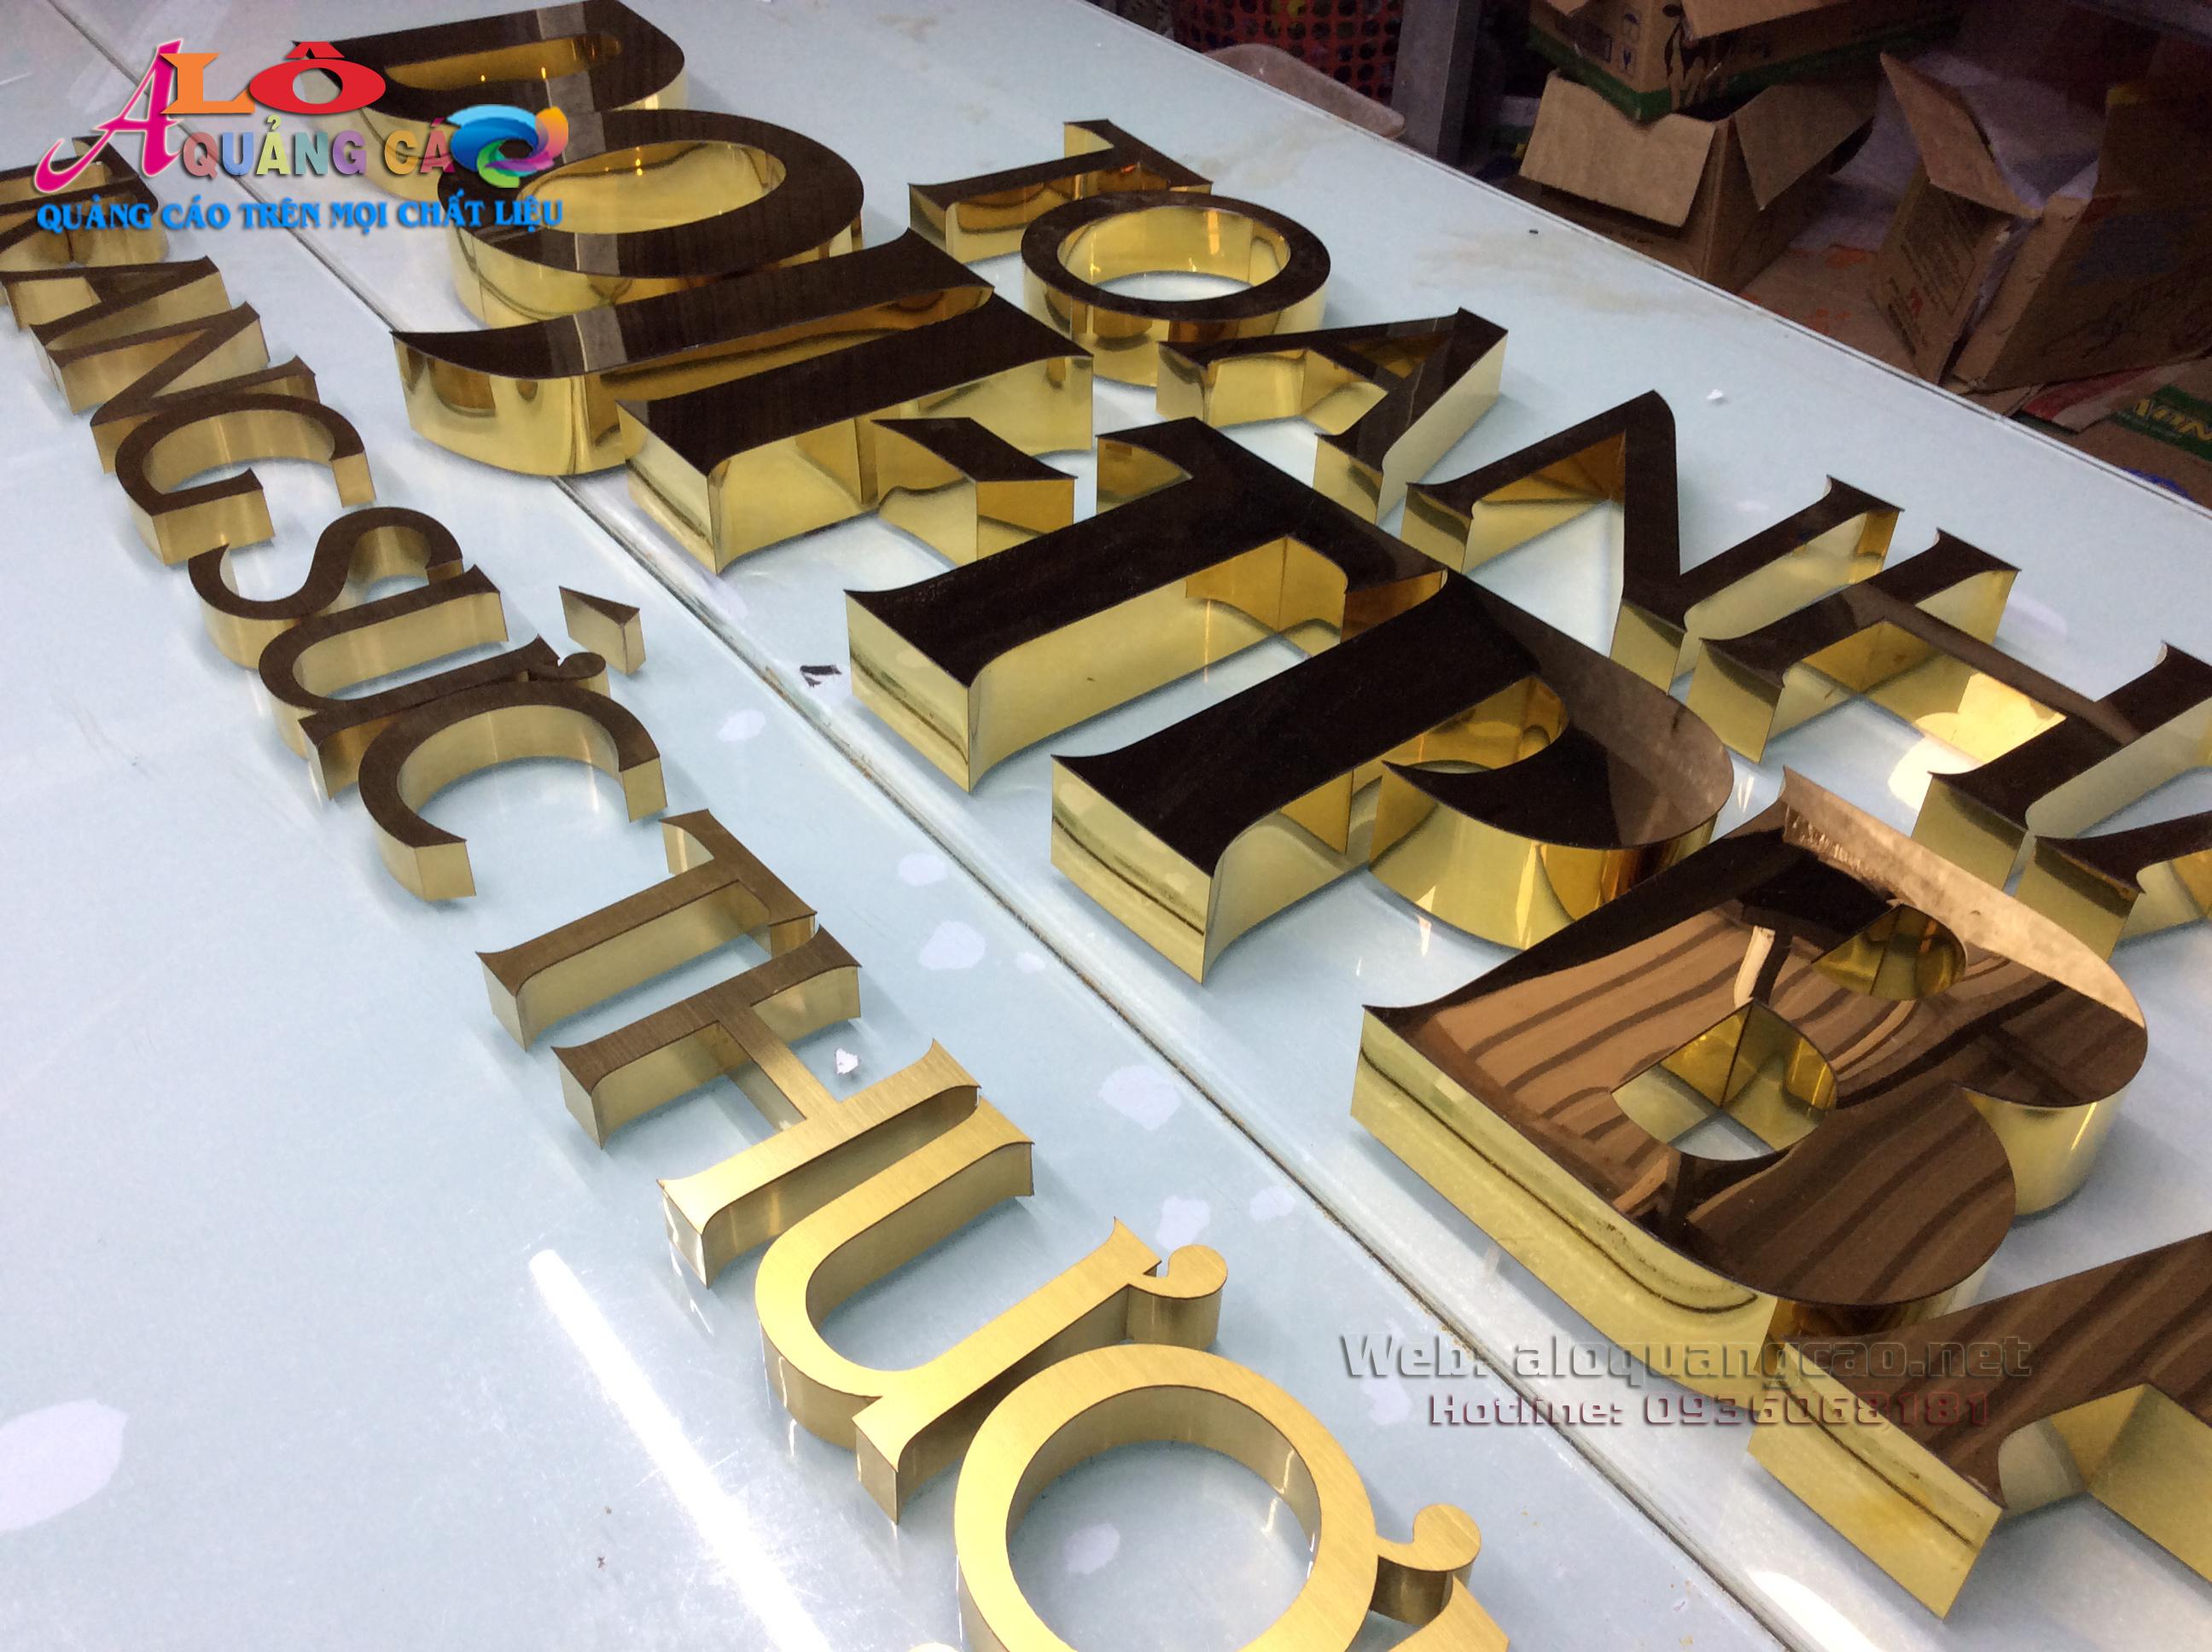 Thiết kế thi công sản xuất làm chữ nổi logo inox 201 và 304 giá rẻ